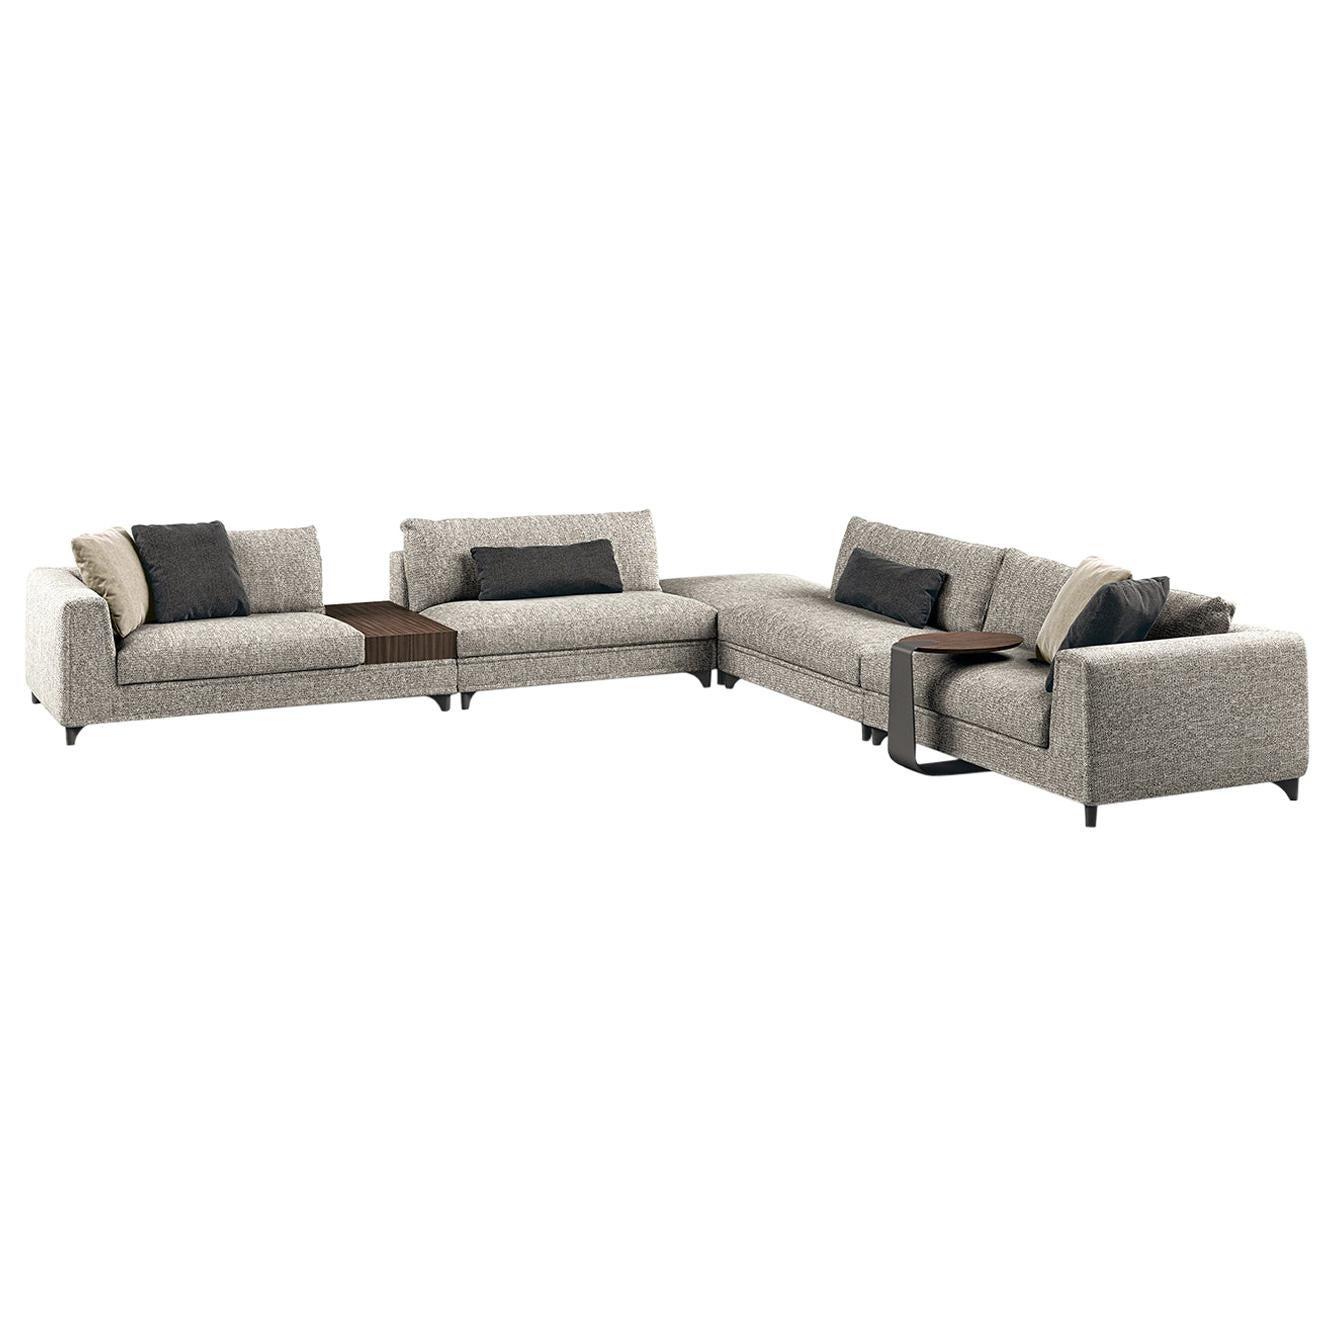 Wembley Modular Sofa